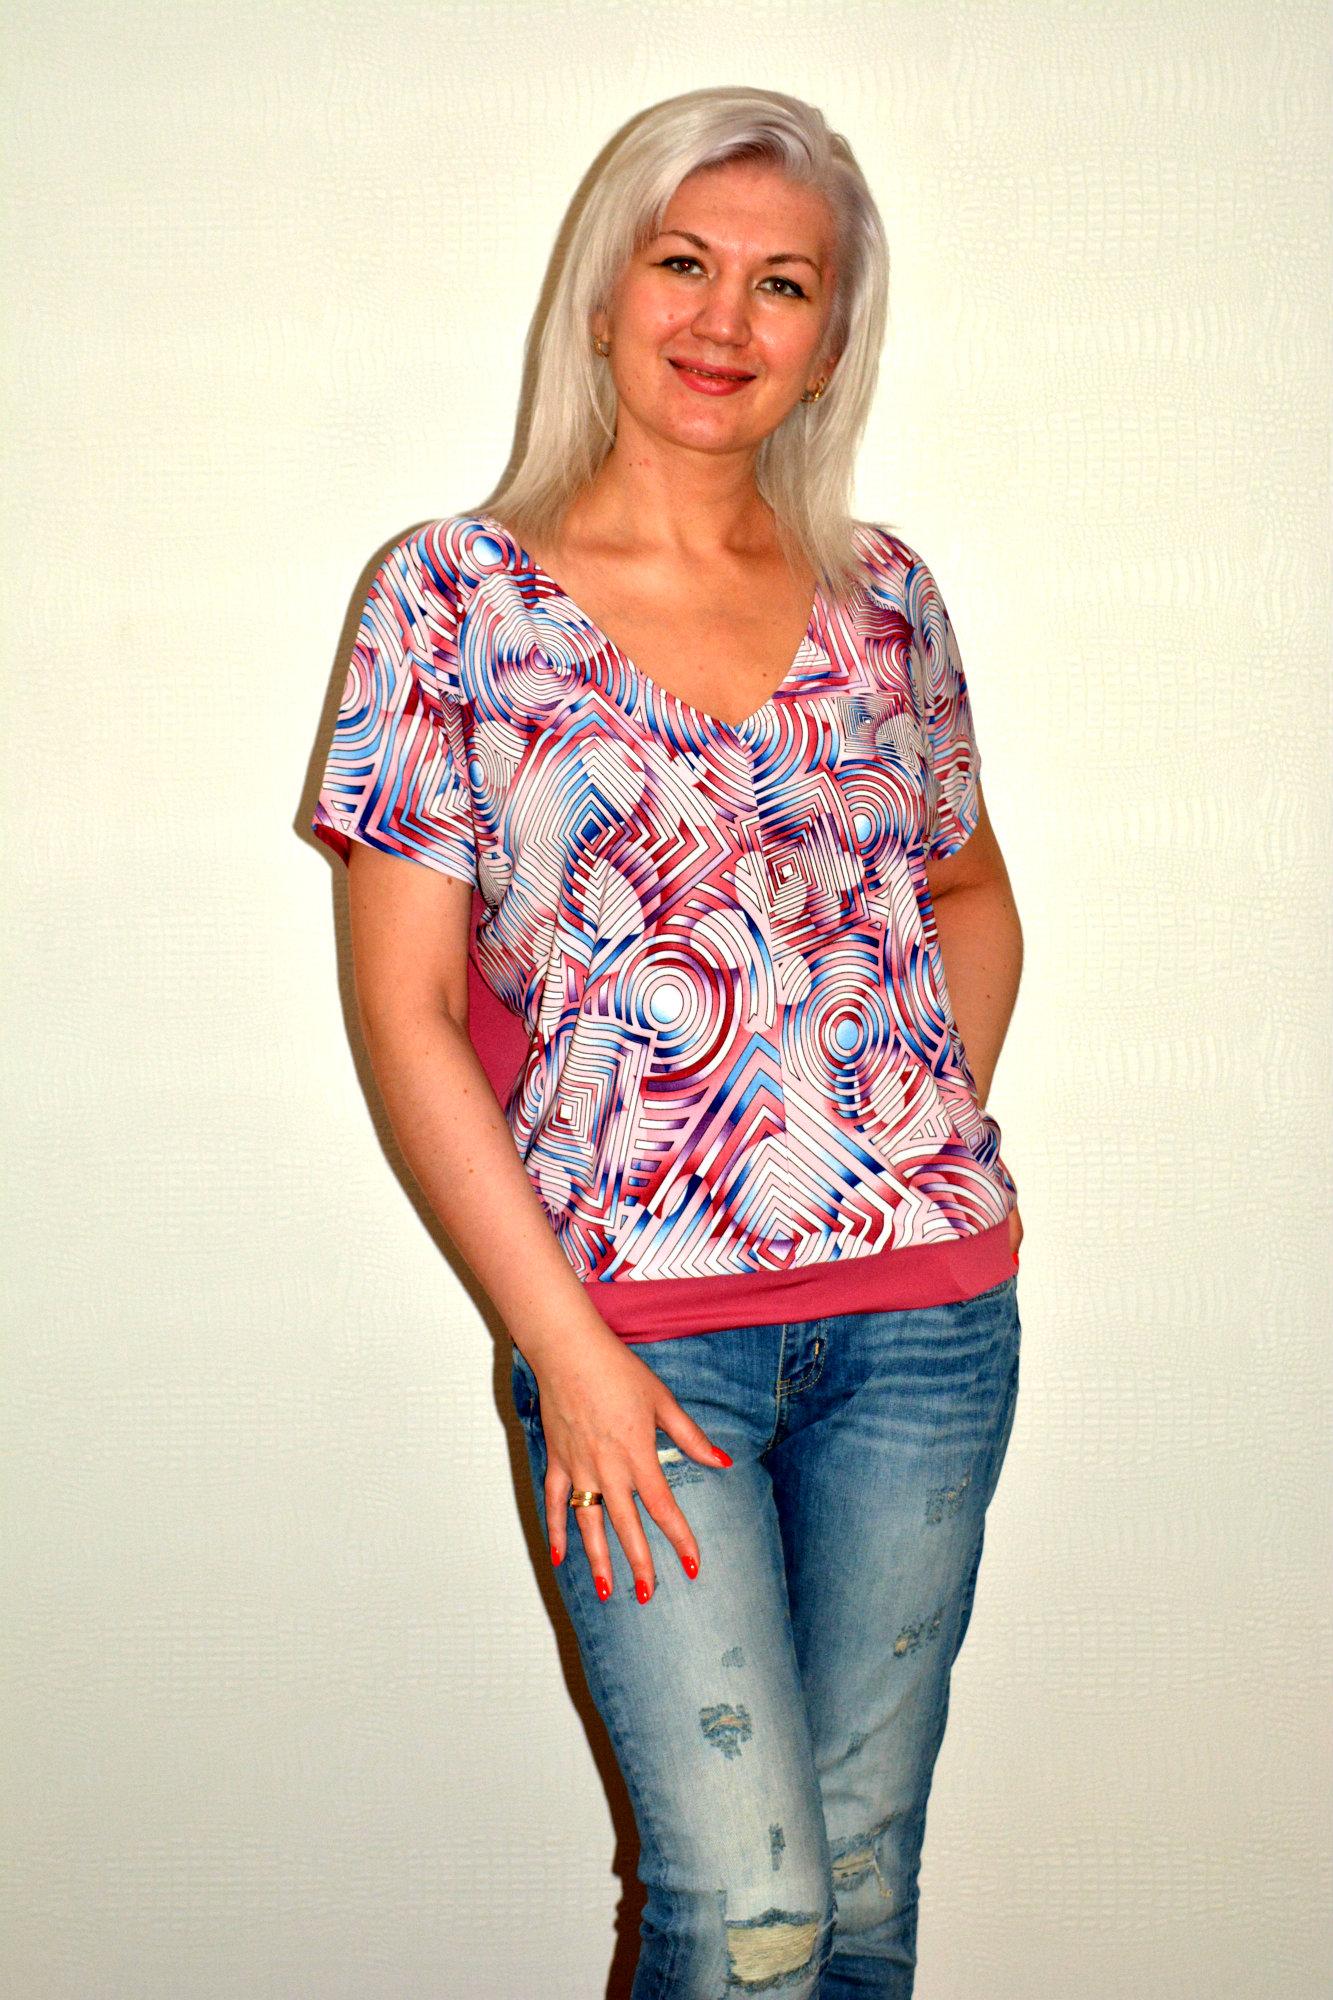 Сбор заказов. SUNNY- красивых блузок много не бывает! Подойдет всем, кто любит стиль и комфорт в одежде